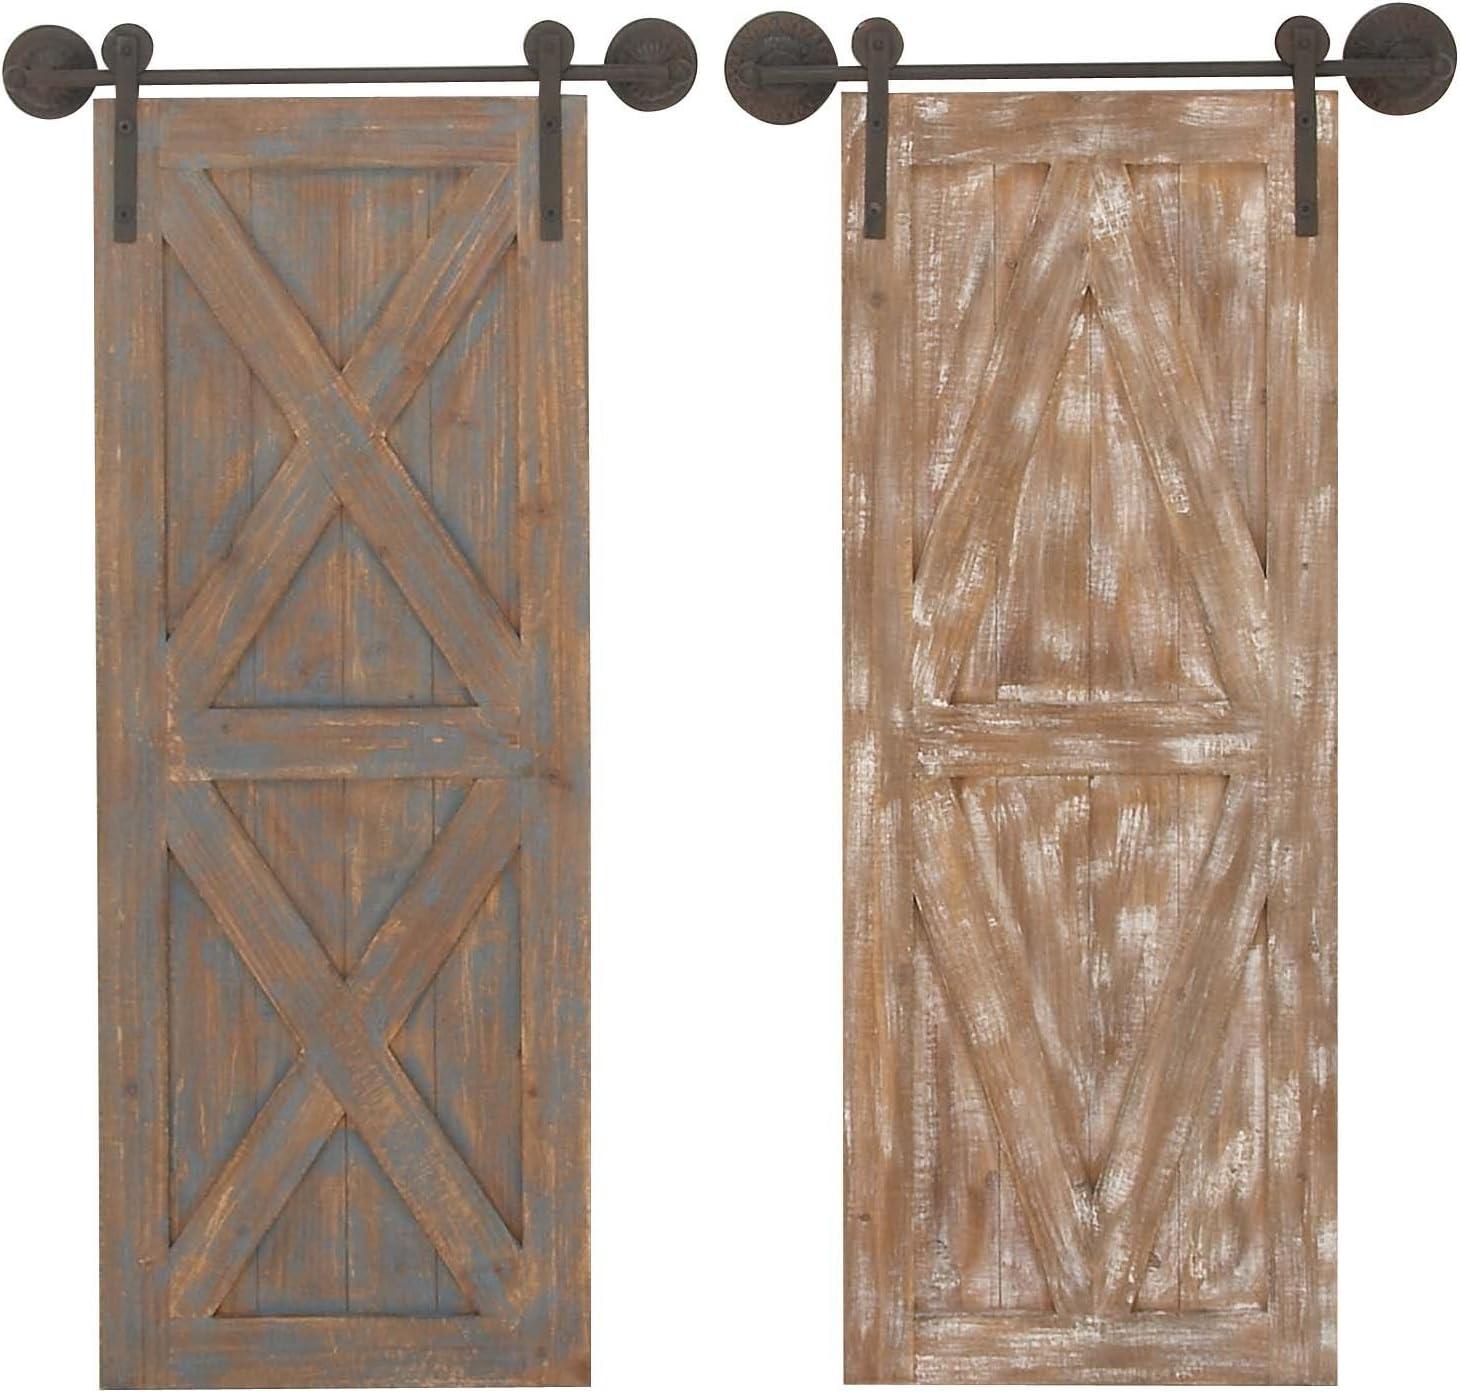 Deco 79 94606 Wooden Barn Door Wall Décor (Set of 2), 20